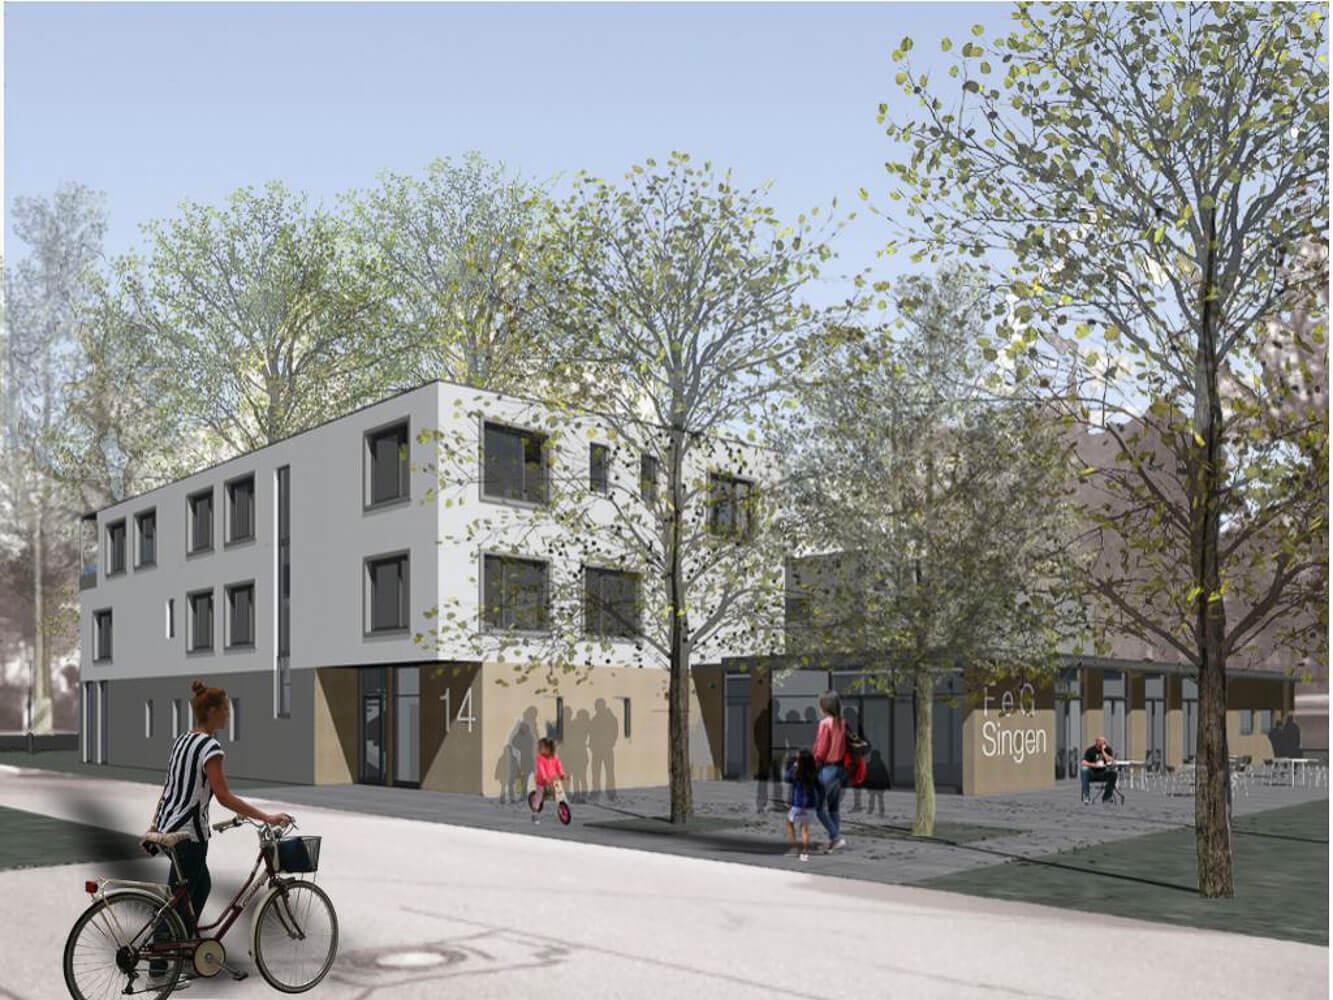 Entwurf Gemeindezentrum FeG Singen